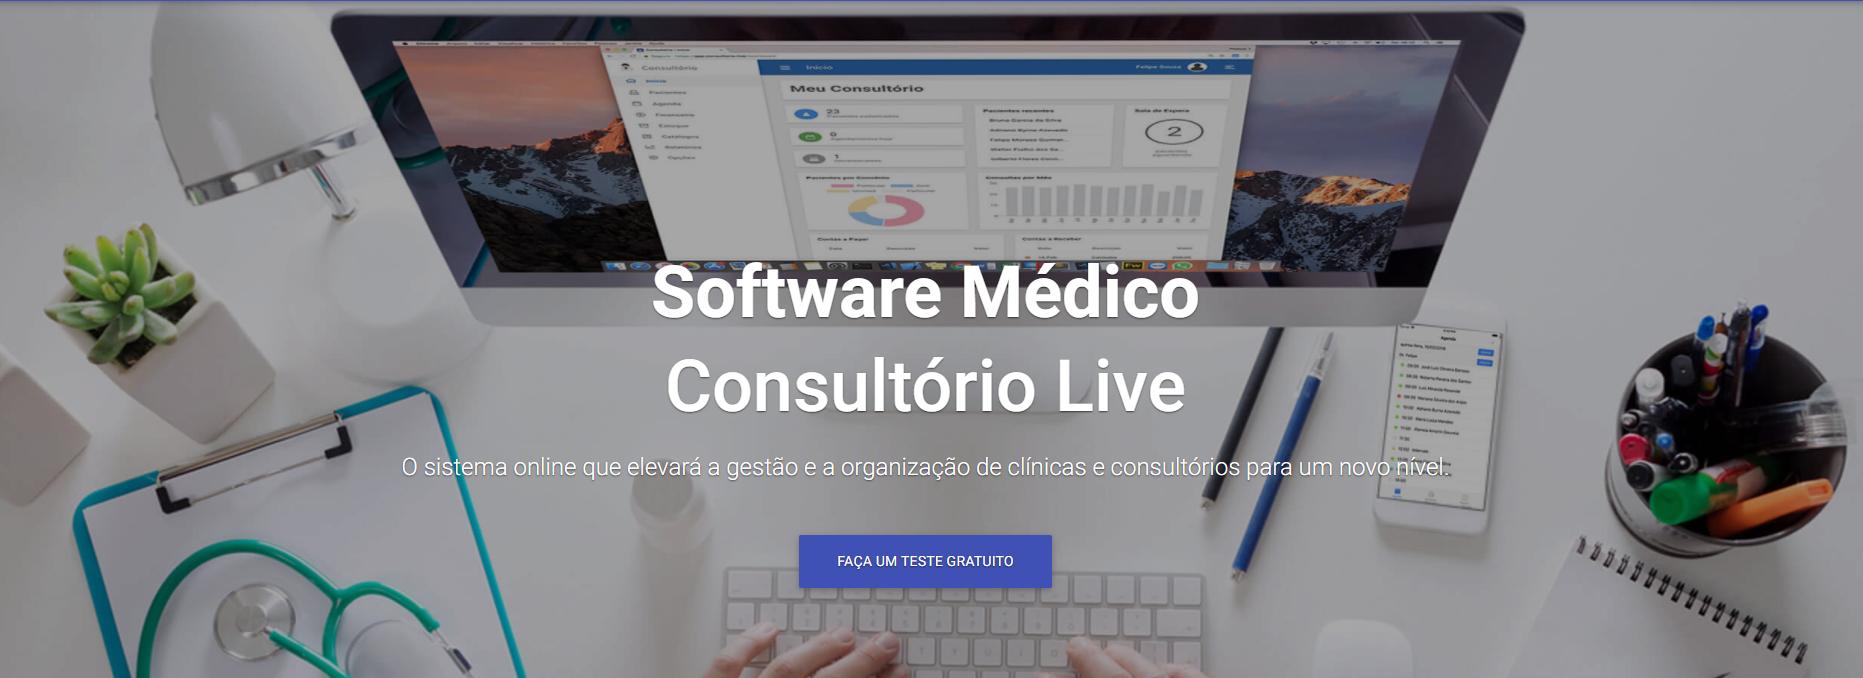 Consultório-live